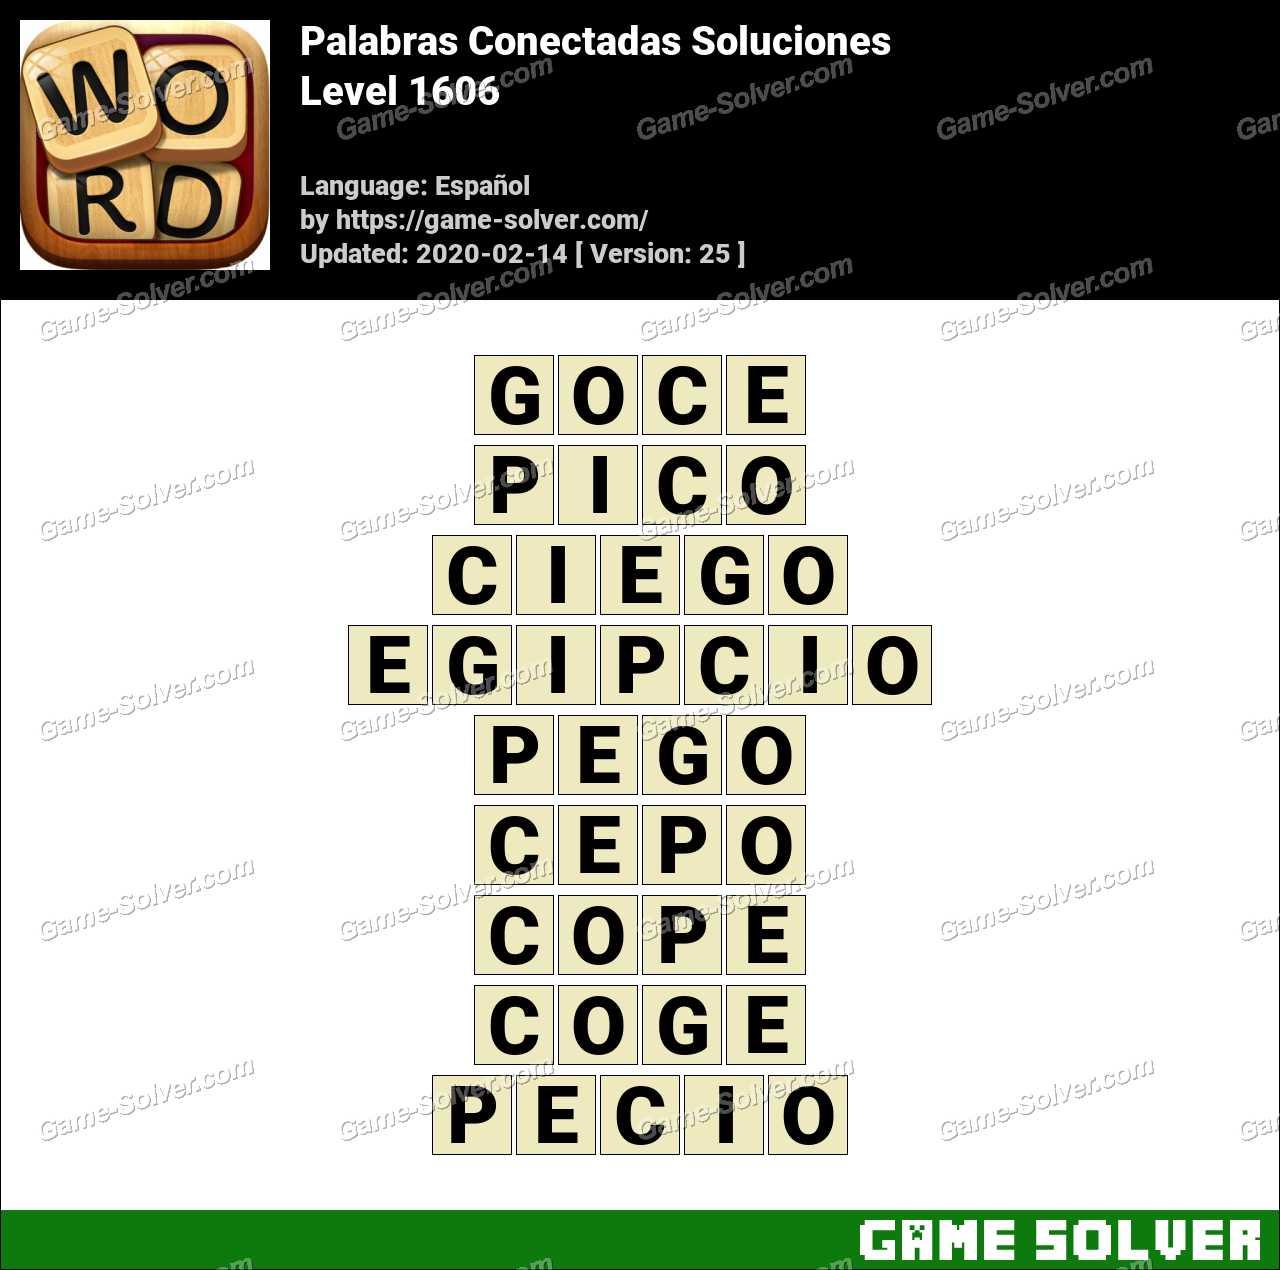 Palabras Conectadas Nivel 1606 Soluciones